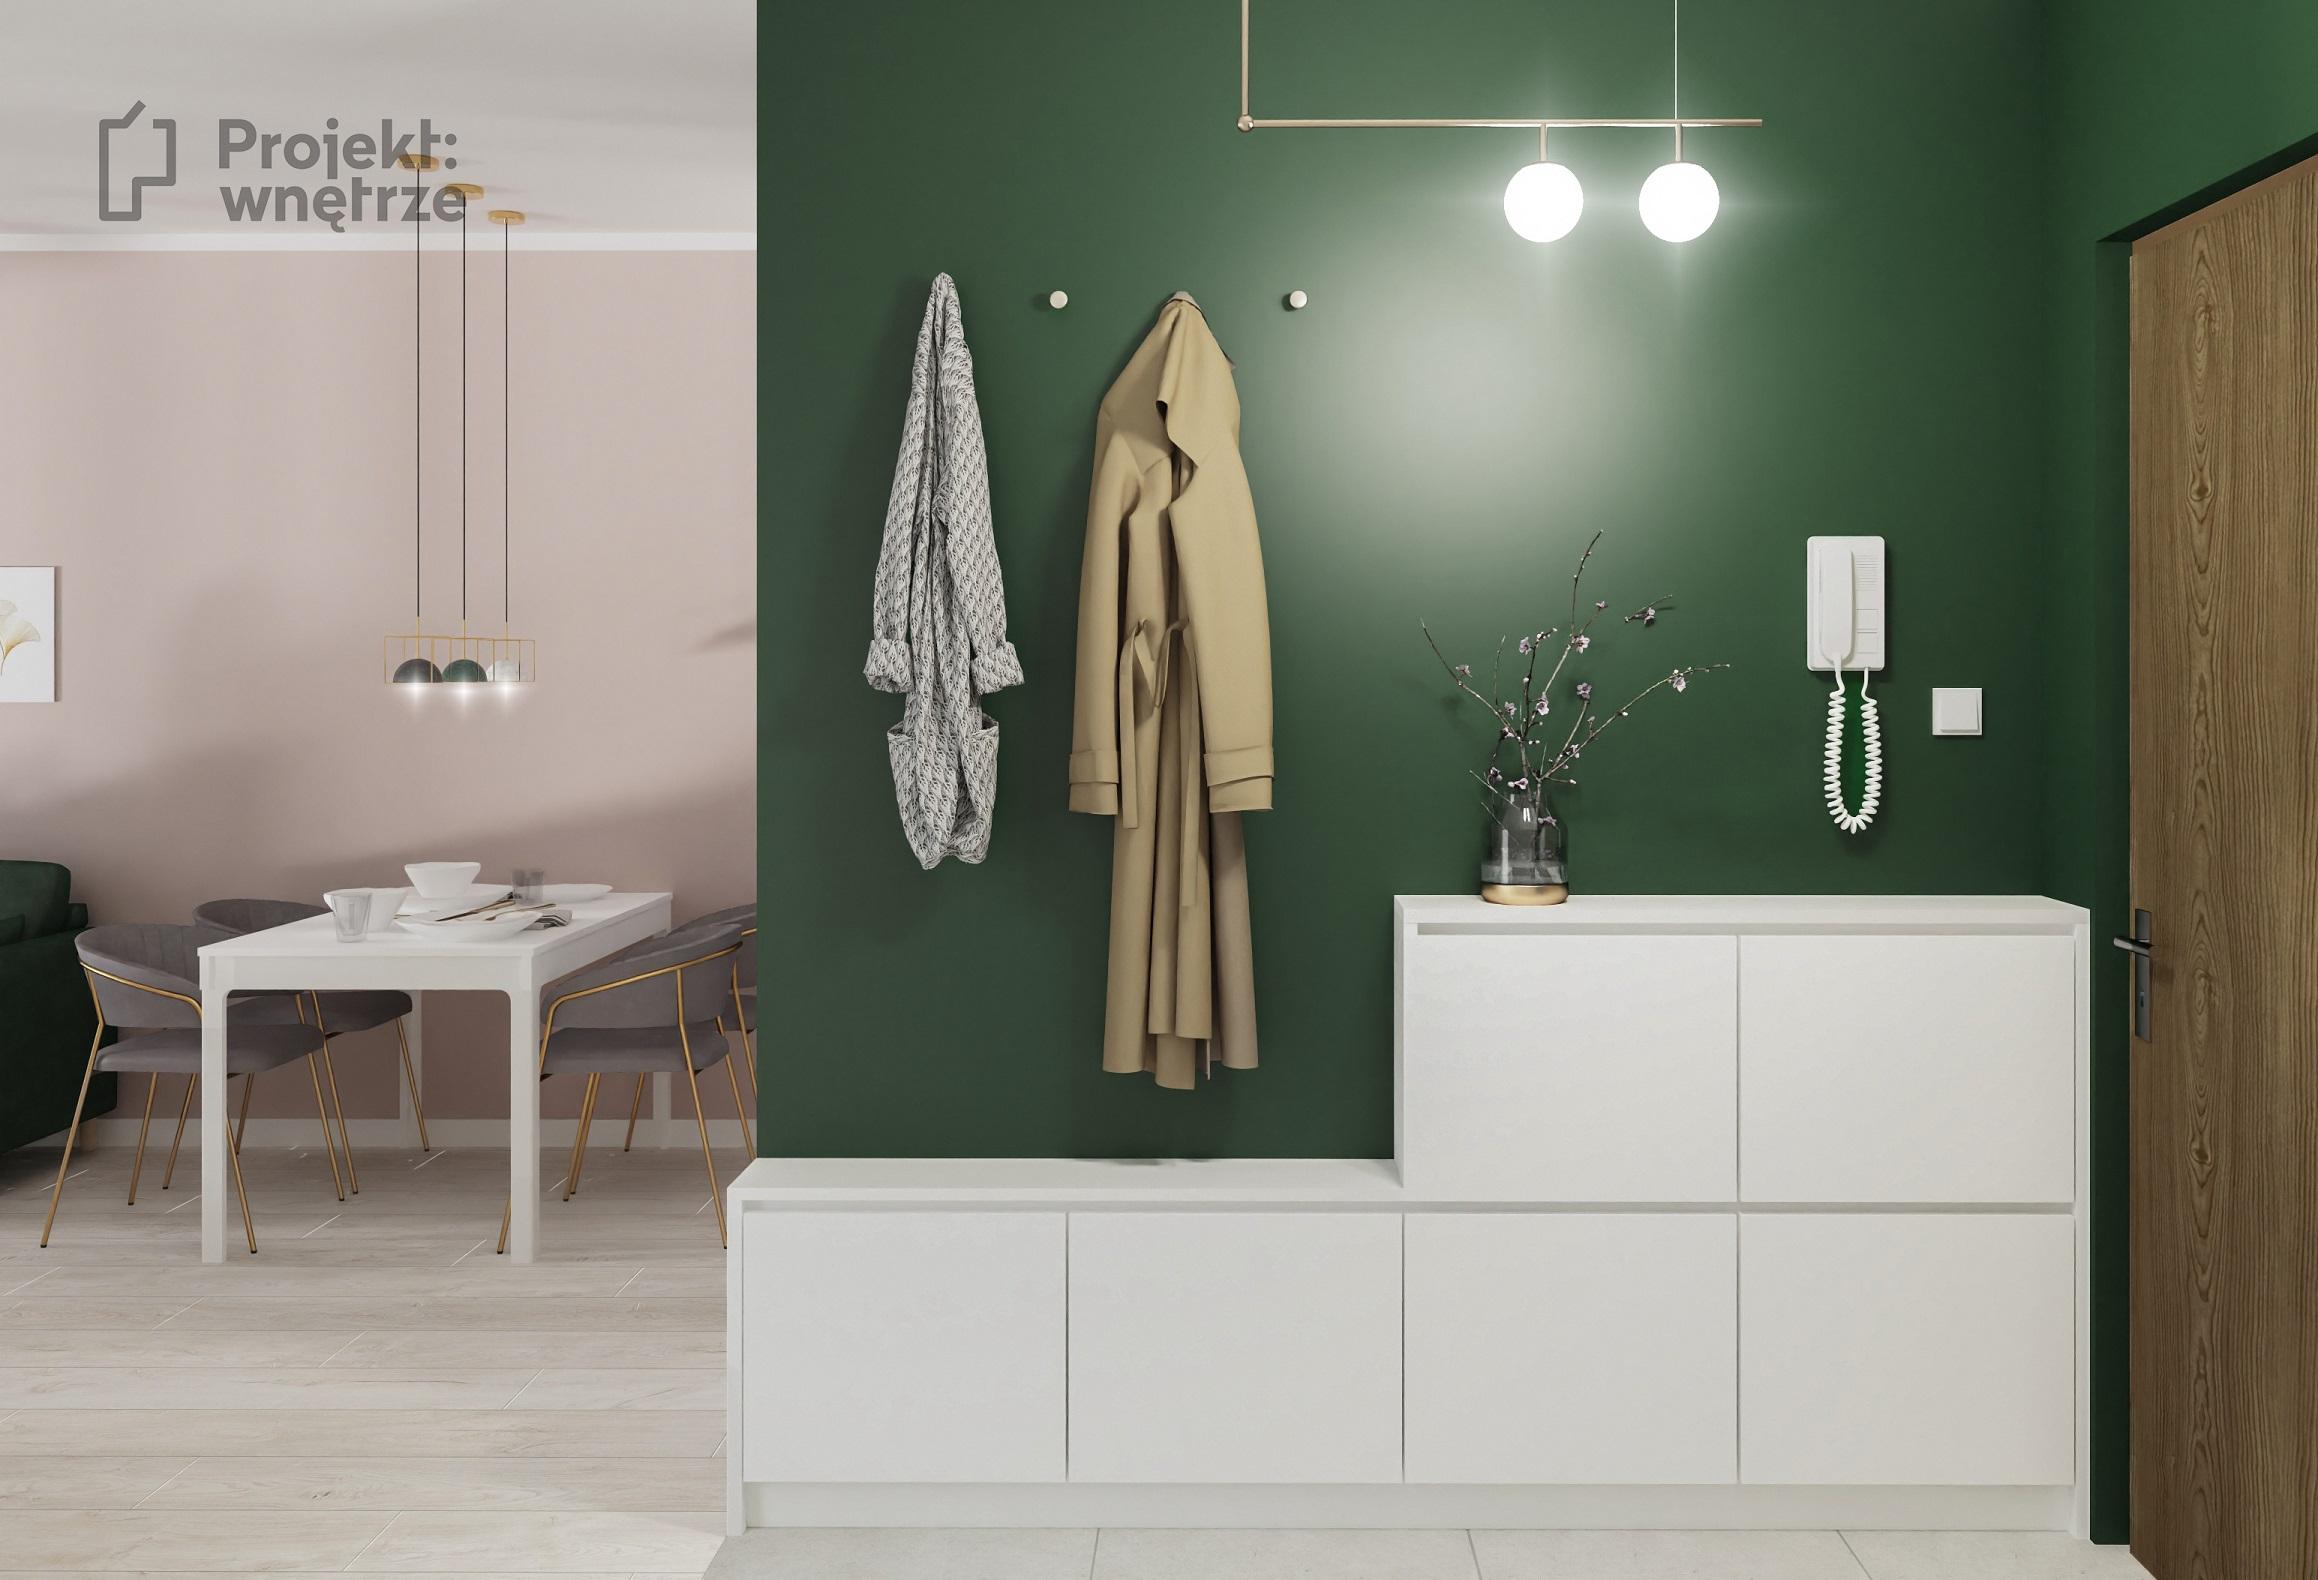 Korytarz z ciemną zieloną ścianą i złotymi akcentami i szarość - projekt kobiecego mieszkania PROJEKT WNĘTRZE www.projektwnetrze.com.pl